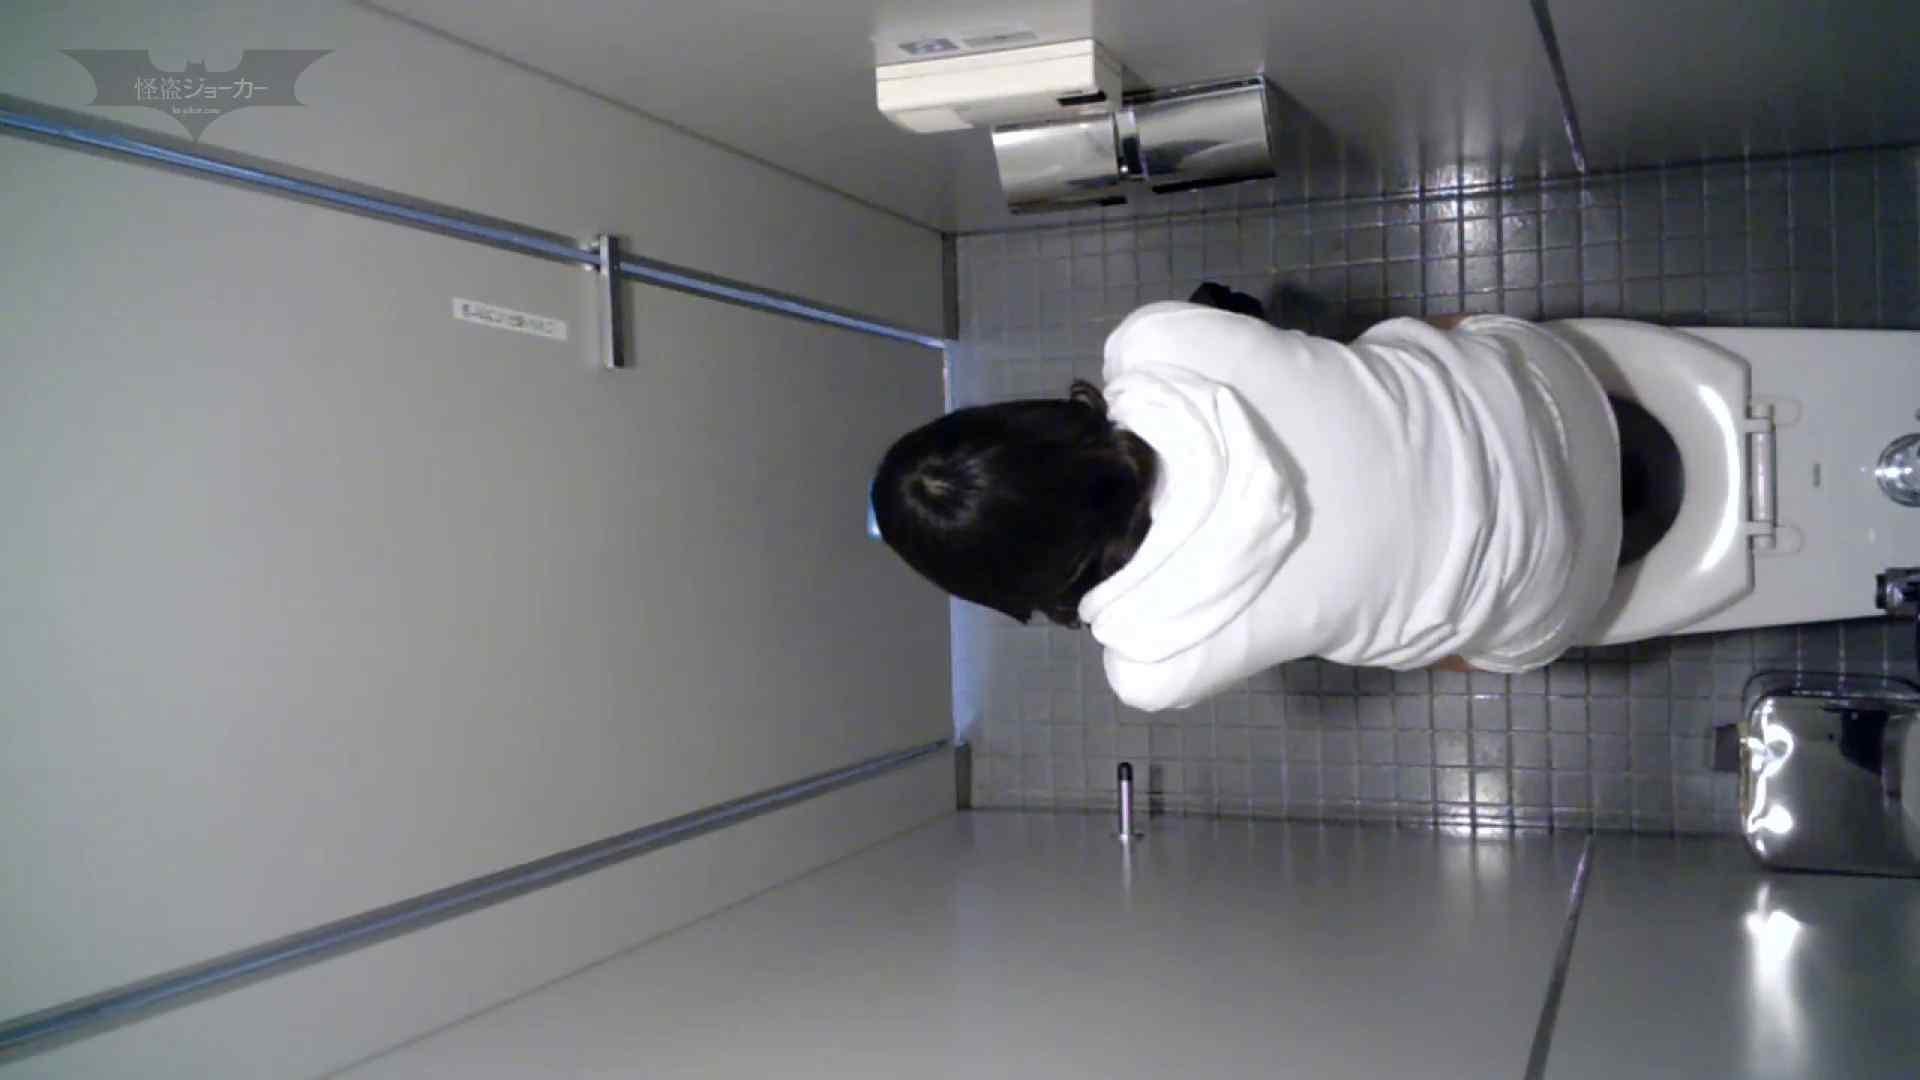 有名大学女性洗面所 vol.58 アンダーヘアーも冬支度? 潜入 AV無料動画キャプチャ 111画像 7